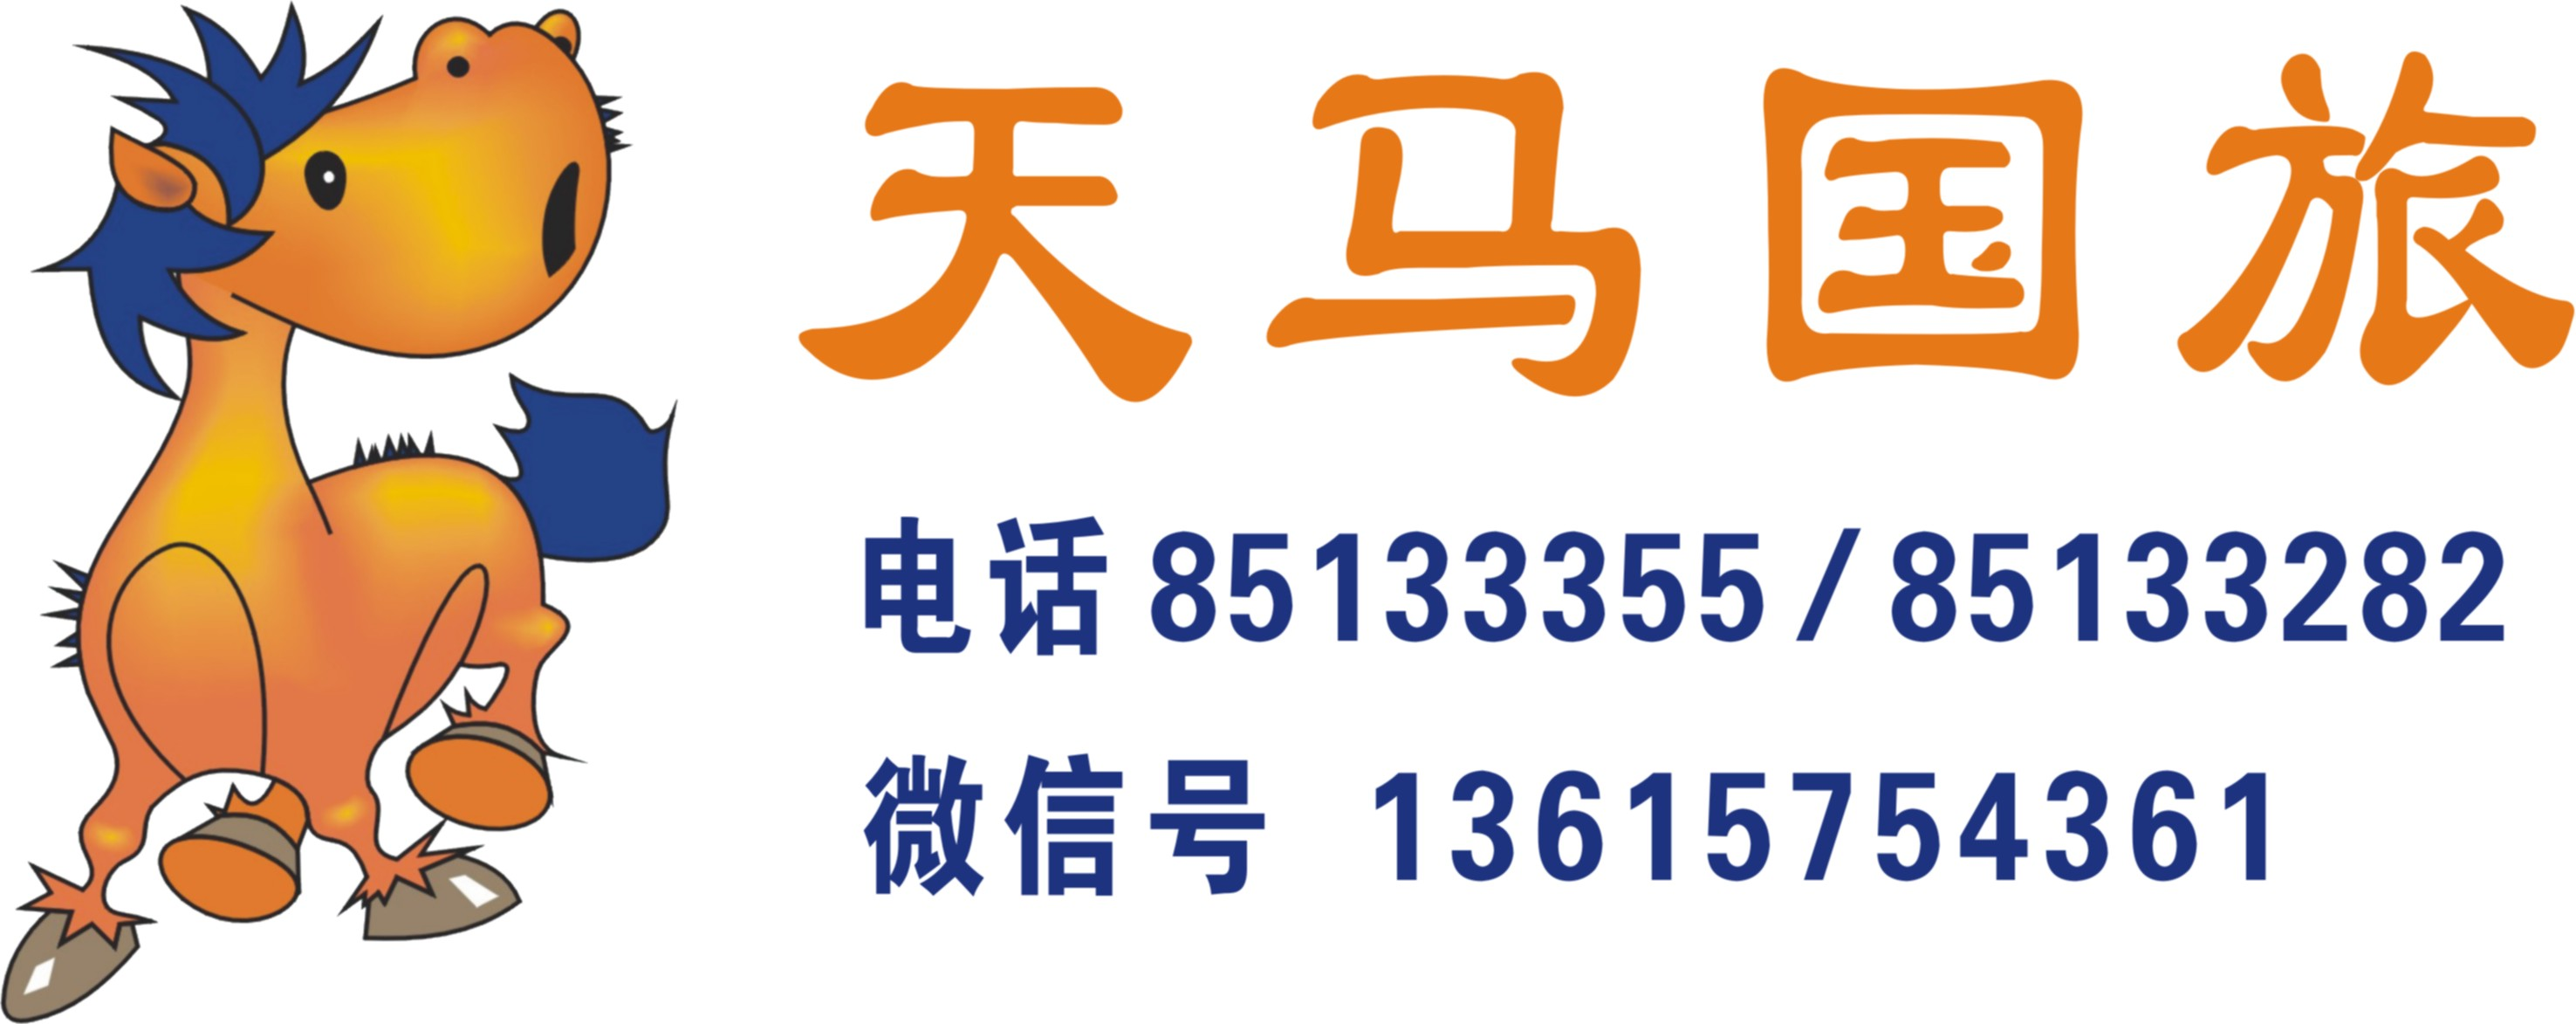 10.1-4【广东潮州、汕头、东方塞班南澳岛双动四日游】